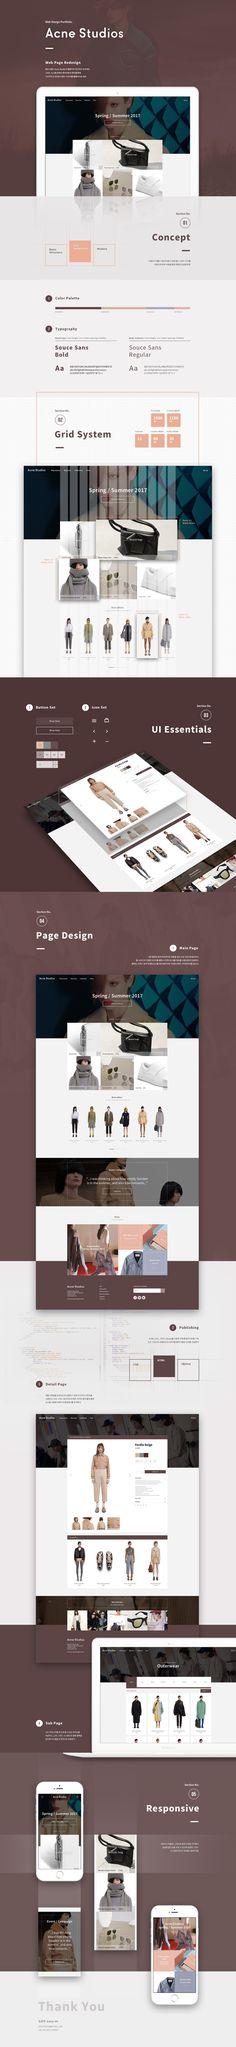 리메인 (remain) 수강생 웹 디자인 포트폴리오. / UX, UI, design, bx, mricro site, mricrosite, 웹 디자인, 웹 포트폴리오, 마이크로 사이트, 쇼핑몰 디자인, 기업 사이트 / 리메인 작품은 모두 수강생 작품 입니다. www.remain.co.kr